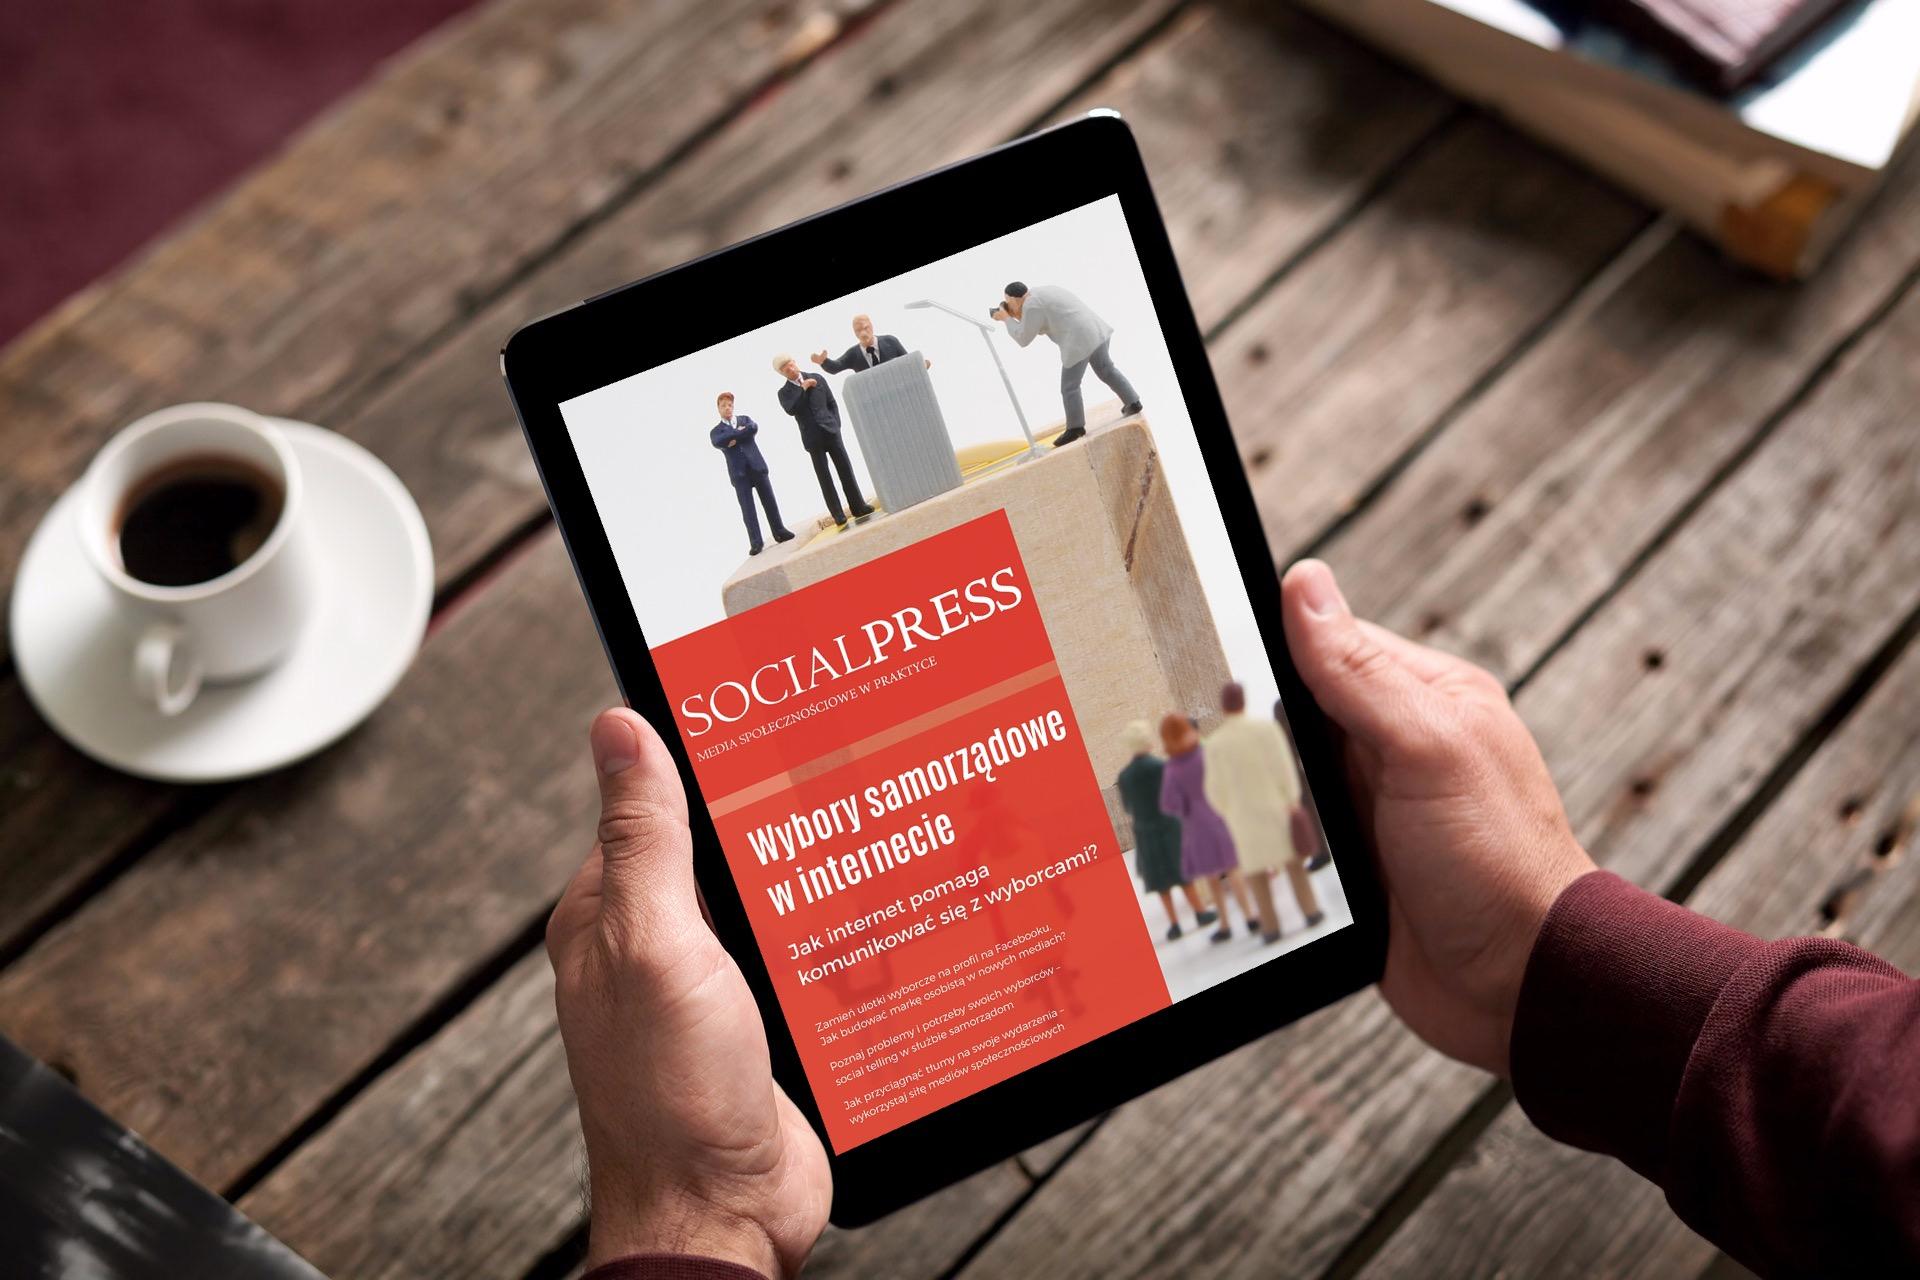 Raport SOCIALPRESS - Wybory samorządowe w internecie